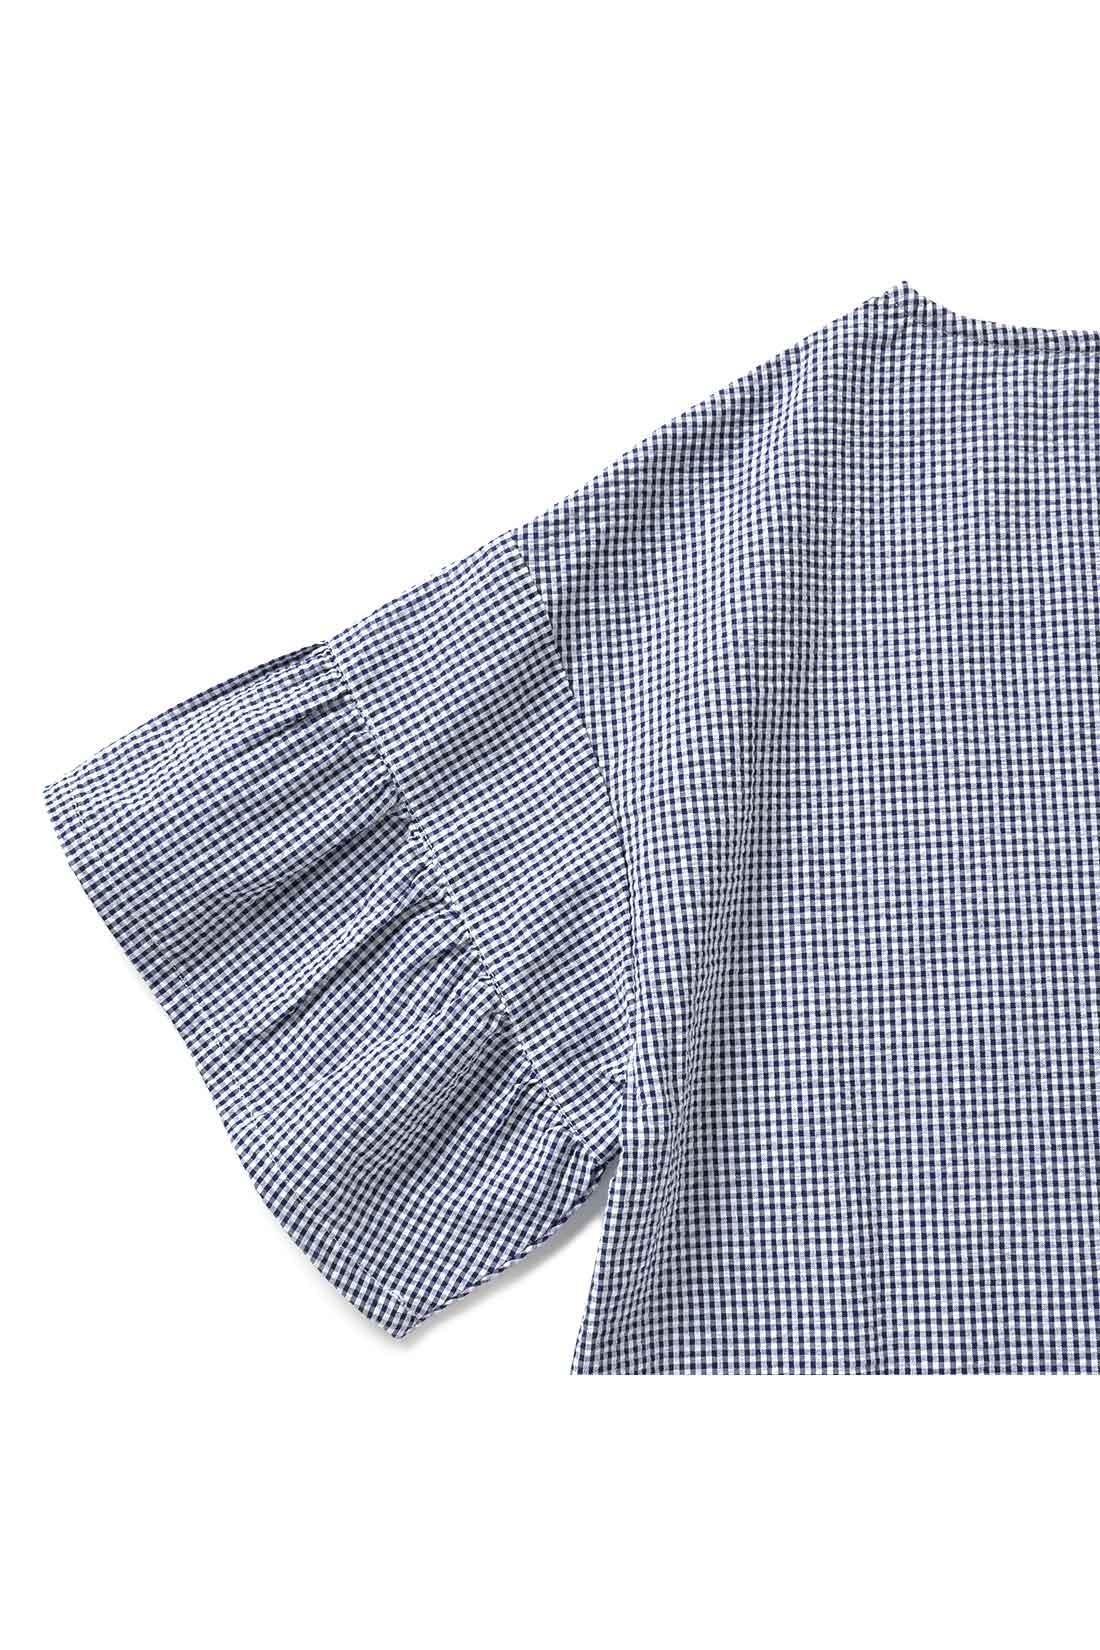 袖の先を切り替えて、ふんわりボリュームを出してみましたよ。